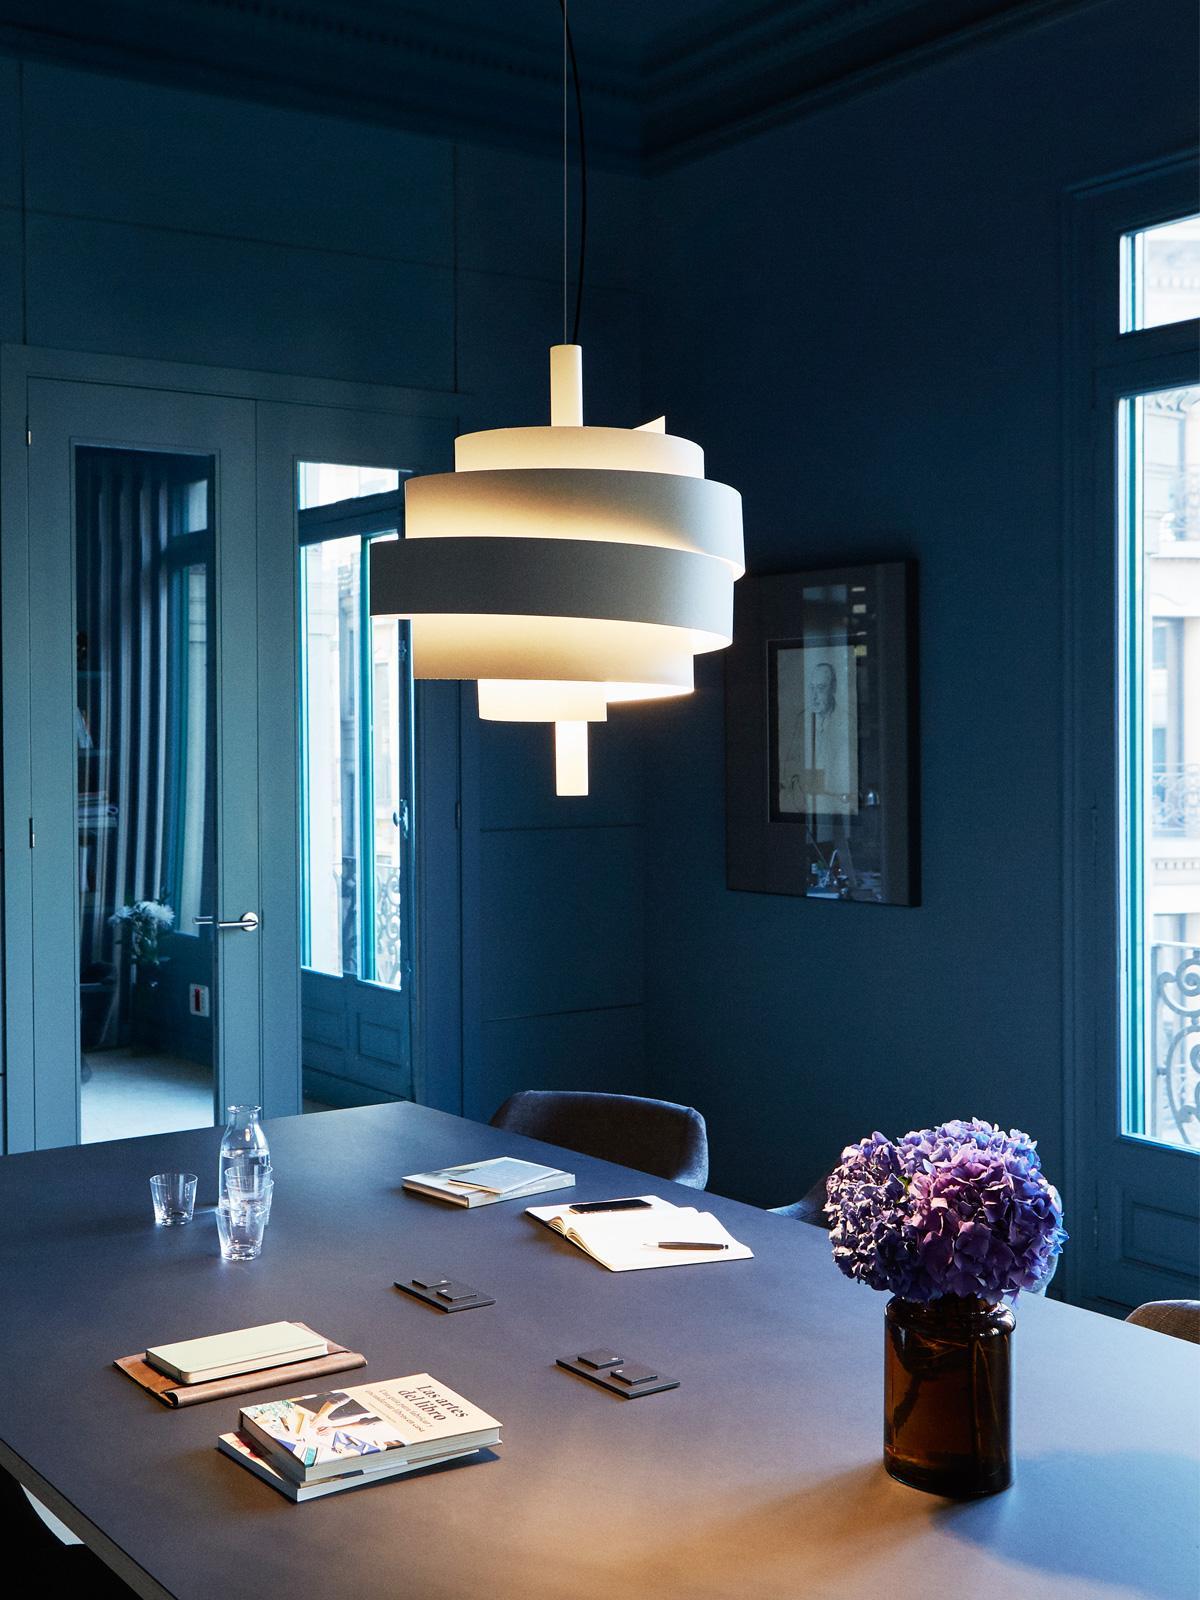 awesome piola lampe fr tolles spiel von licht und schatten with lampen ideen - Fantastisch Tolles Dekoration Lampe Mit Mehreren Schirmen